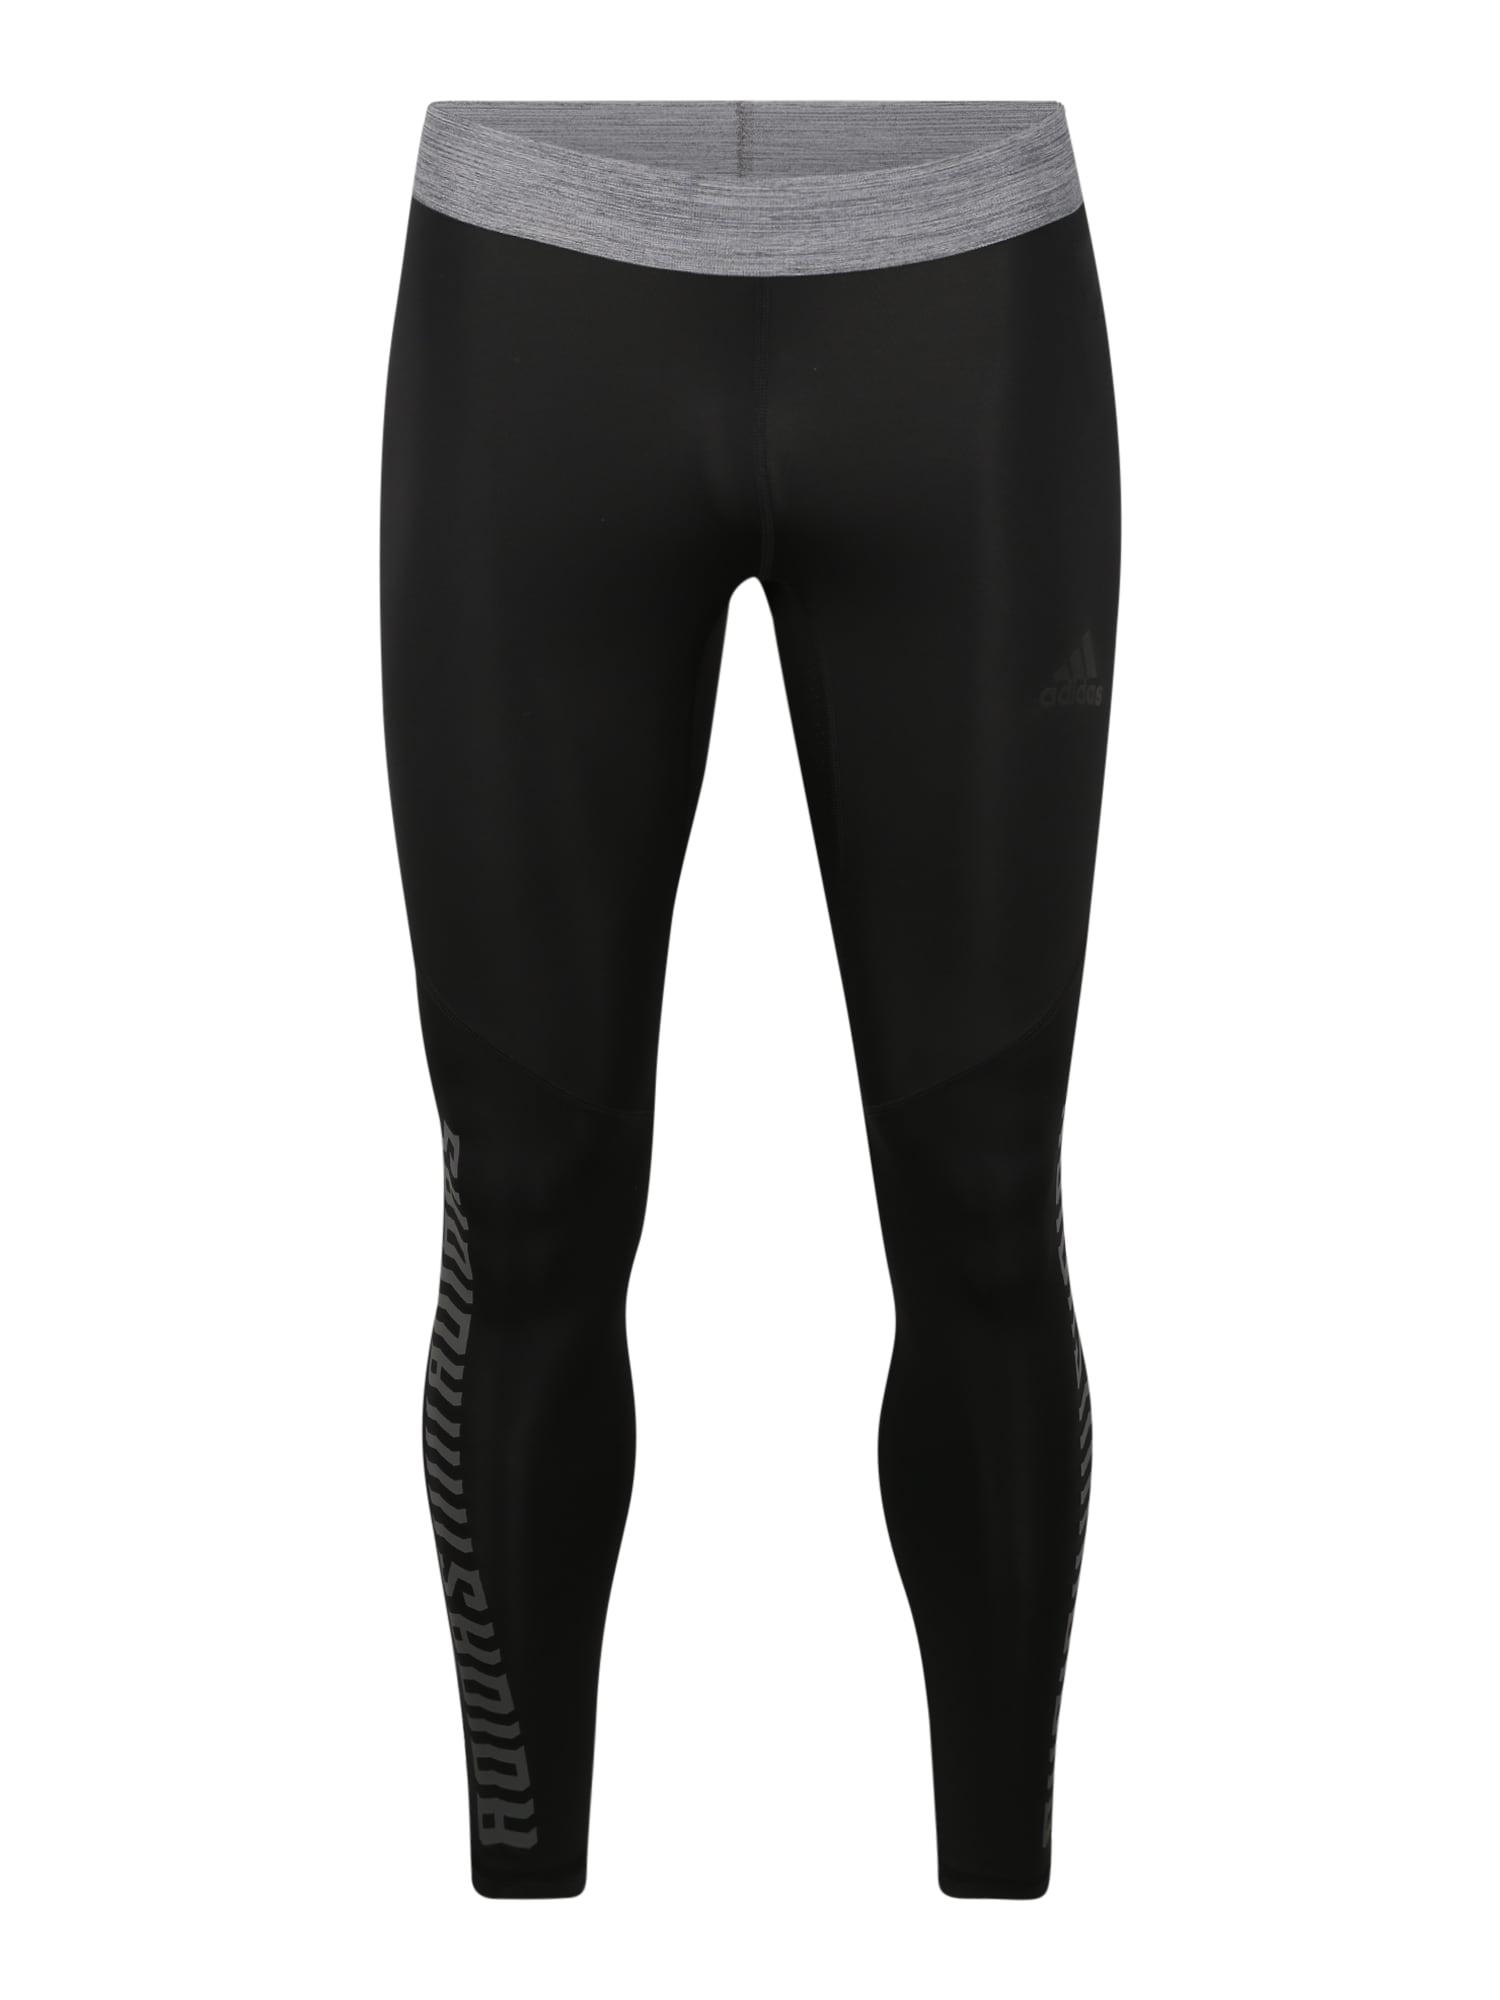 ADIDAS PERFORMANCE Sportinės kelnės 'ASK SPRGFX LT' juoda